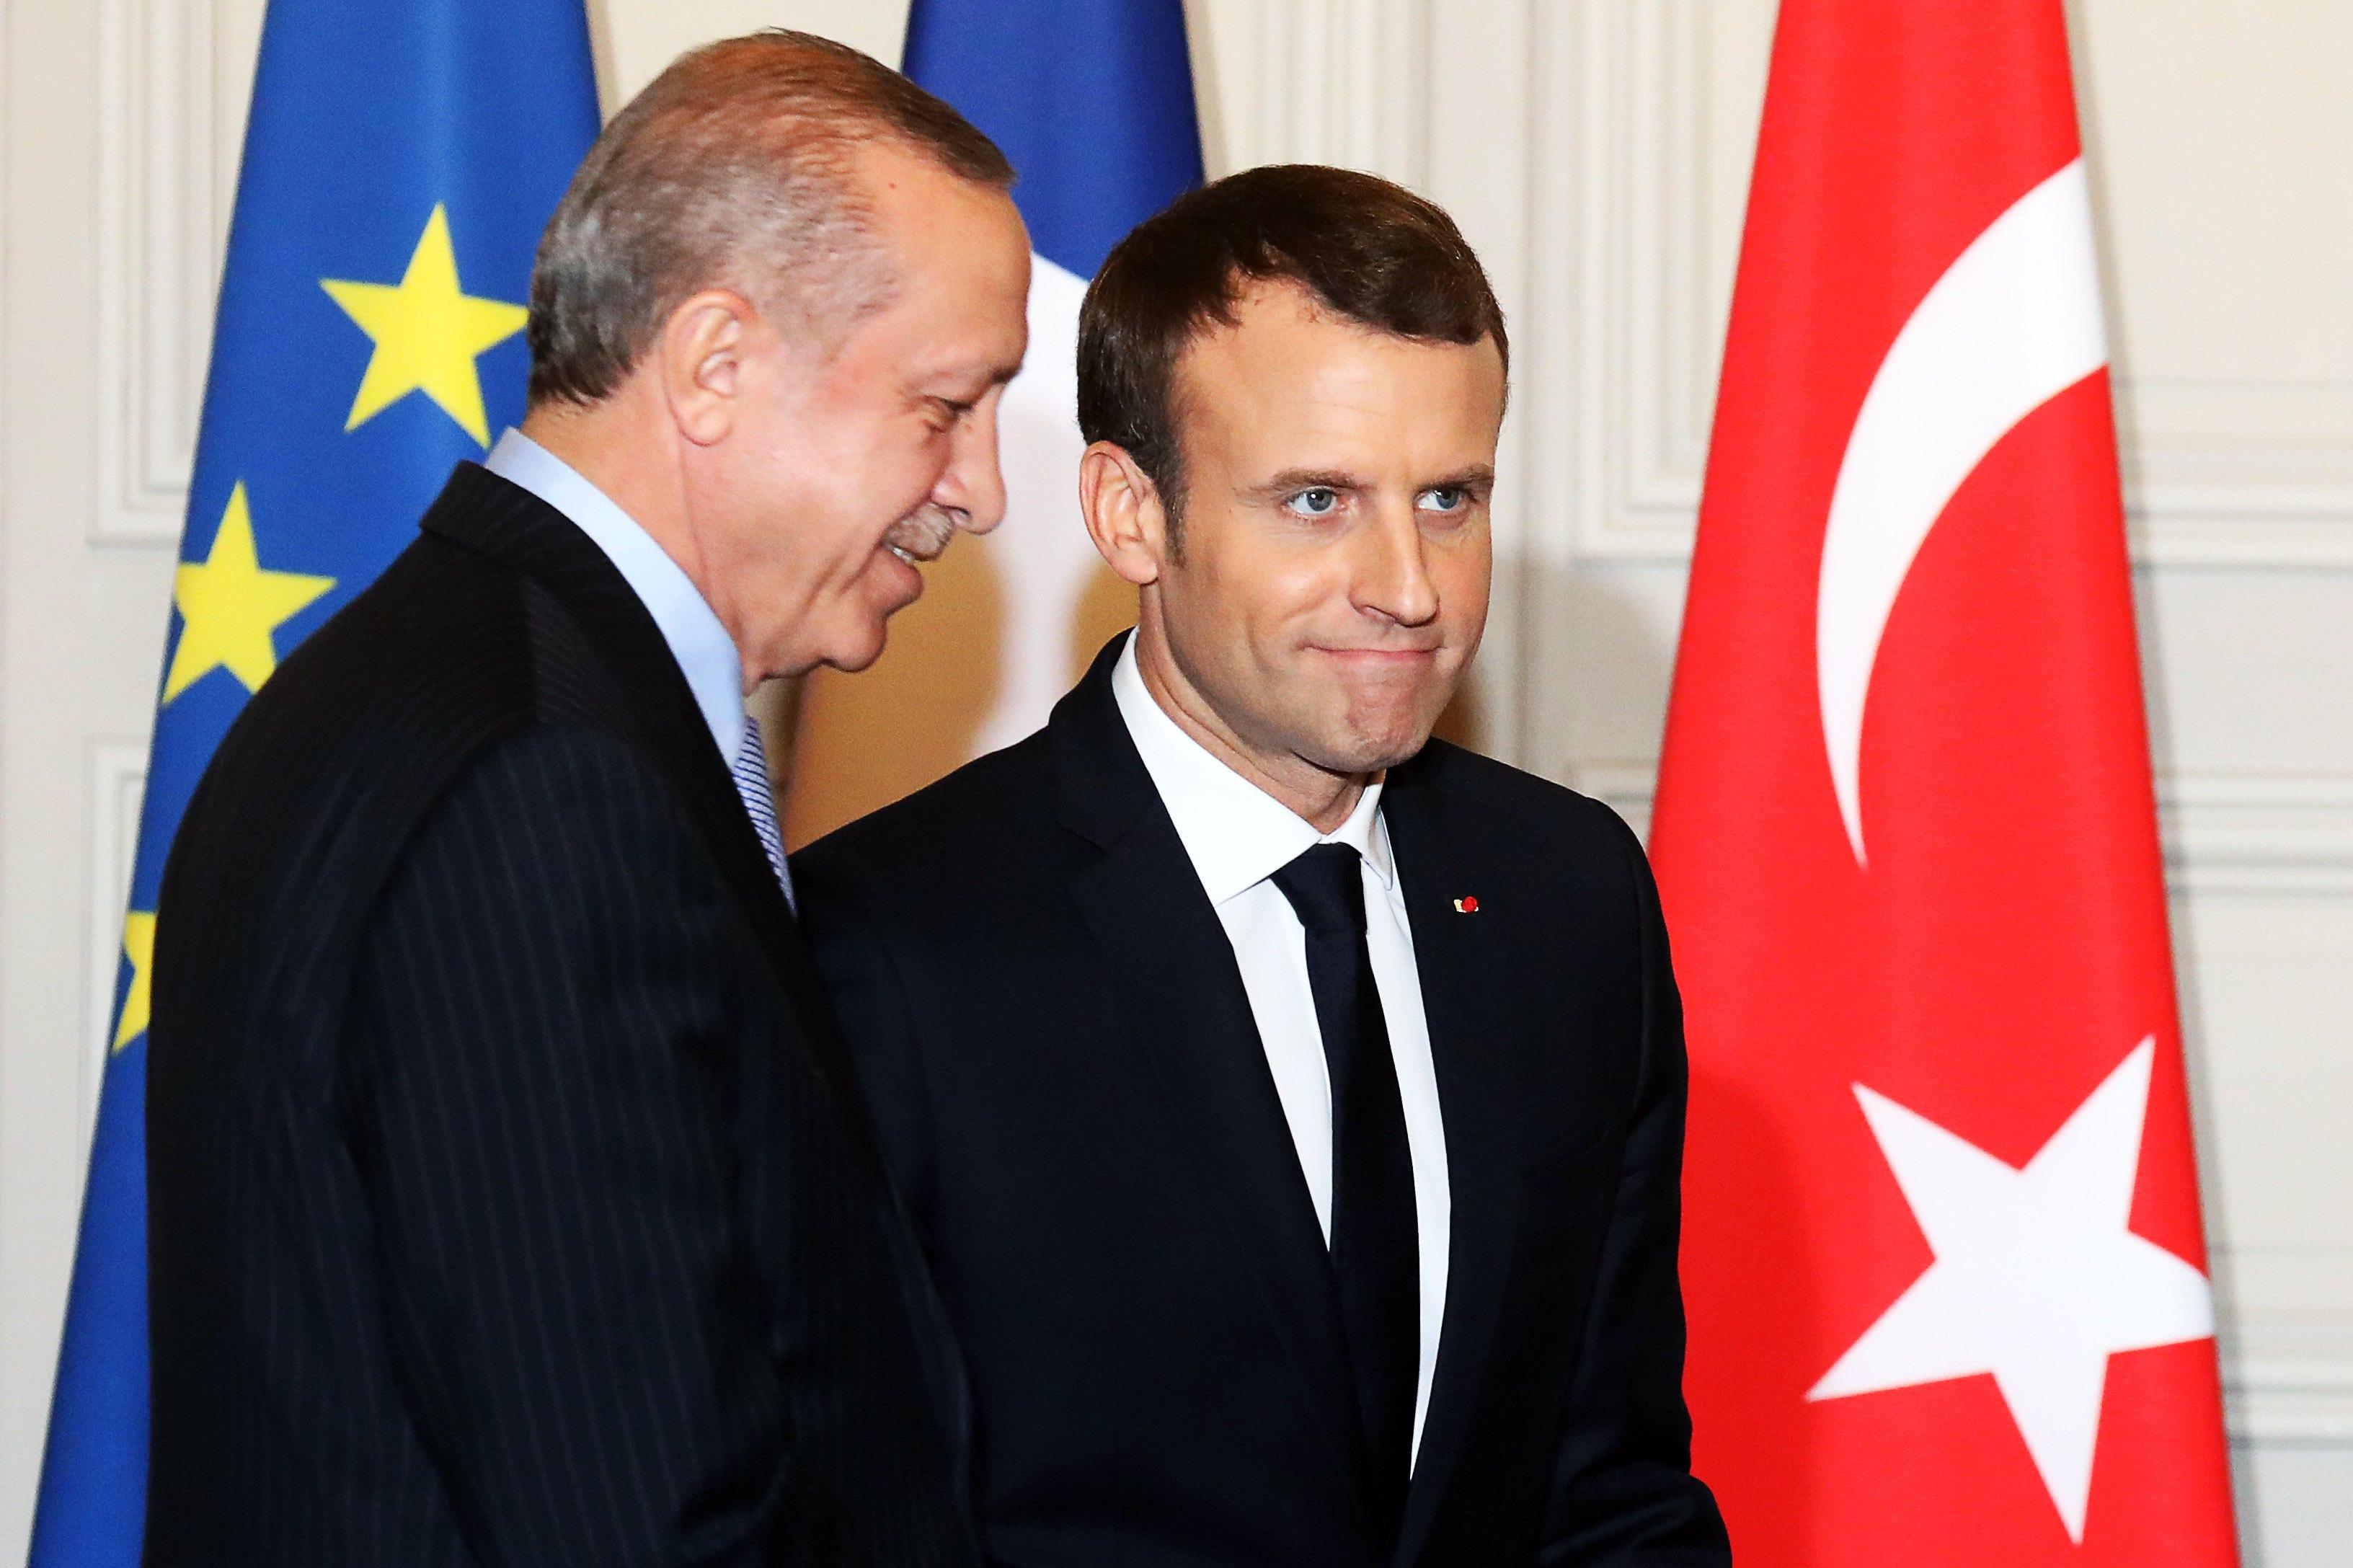 Ερντογάν – Μακρόν: Τηλεφωνική επικοινωνία για τις οικονομικές σχέσεις   tovima.gr